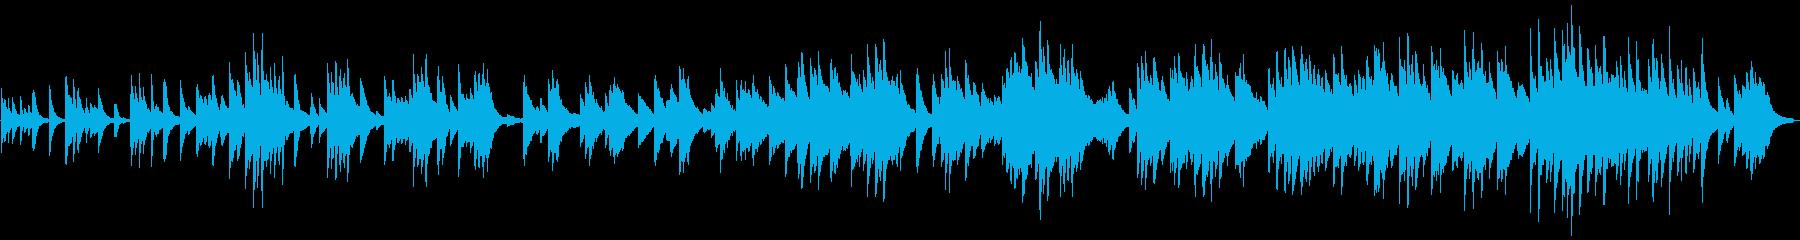 優しく切ないピアノバラードの再生済みの波形